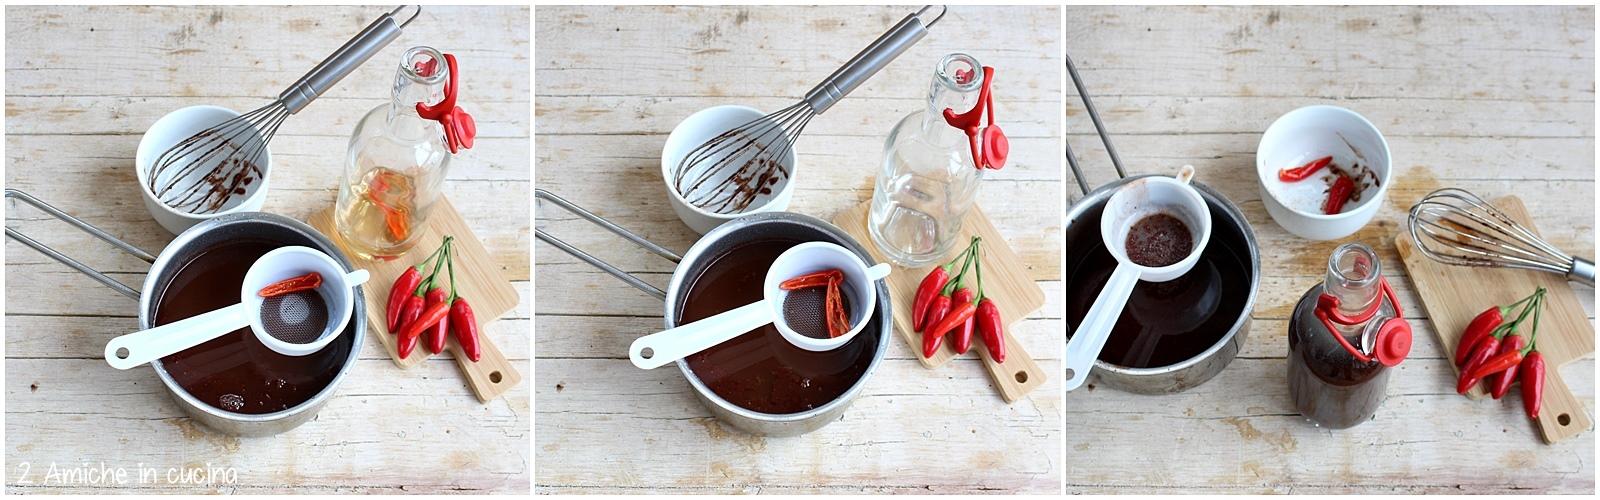 Come filtrare l'alcool al peperoncino e unirlo al cioccolato